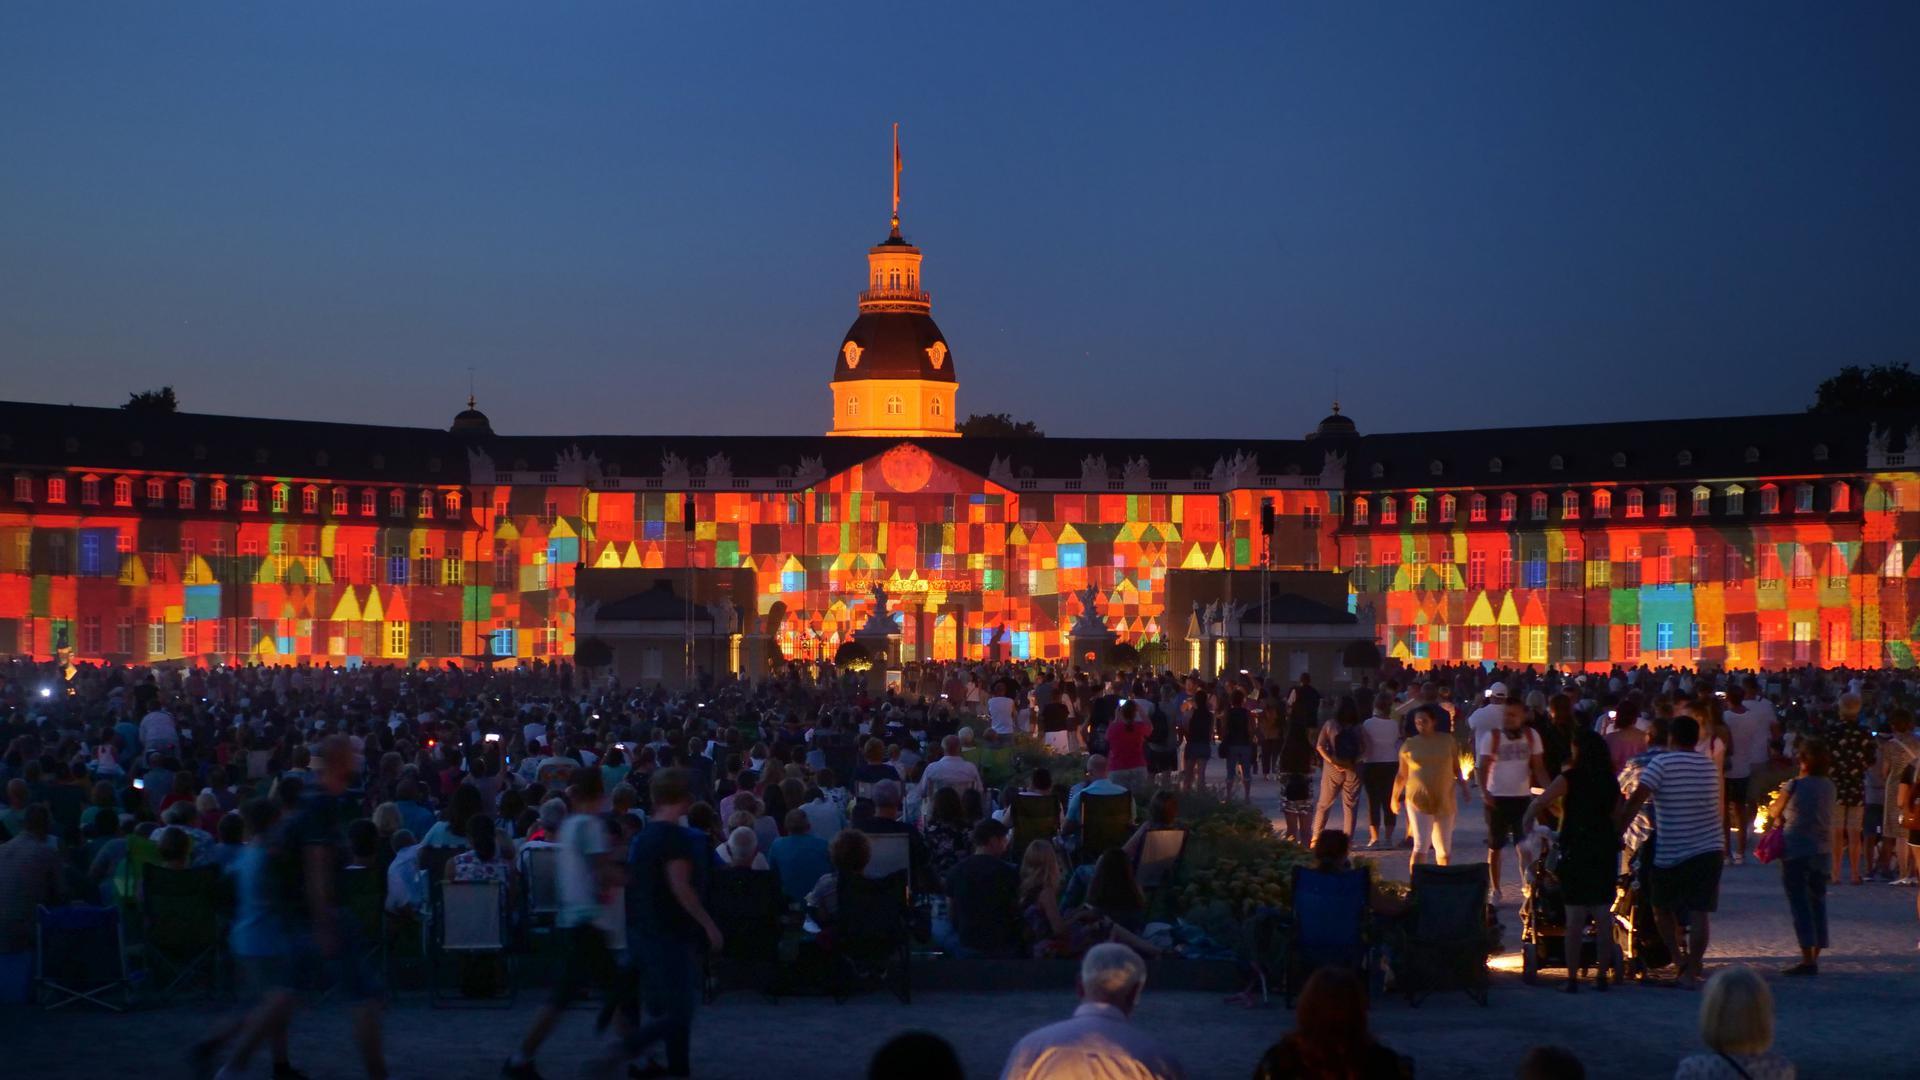 Schlosslichtspiele Peter Sandbiller